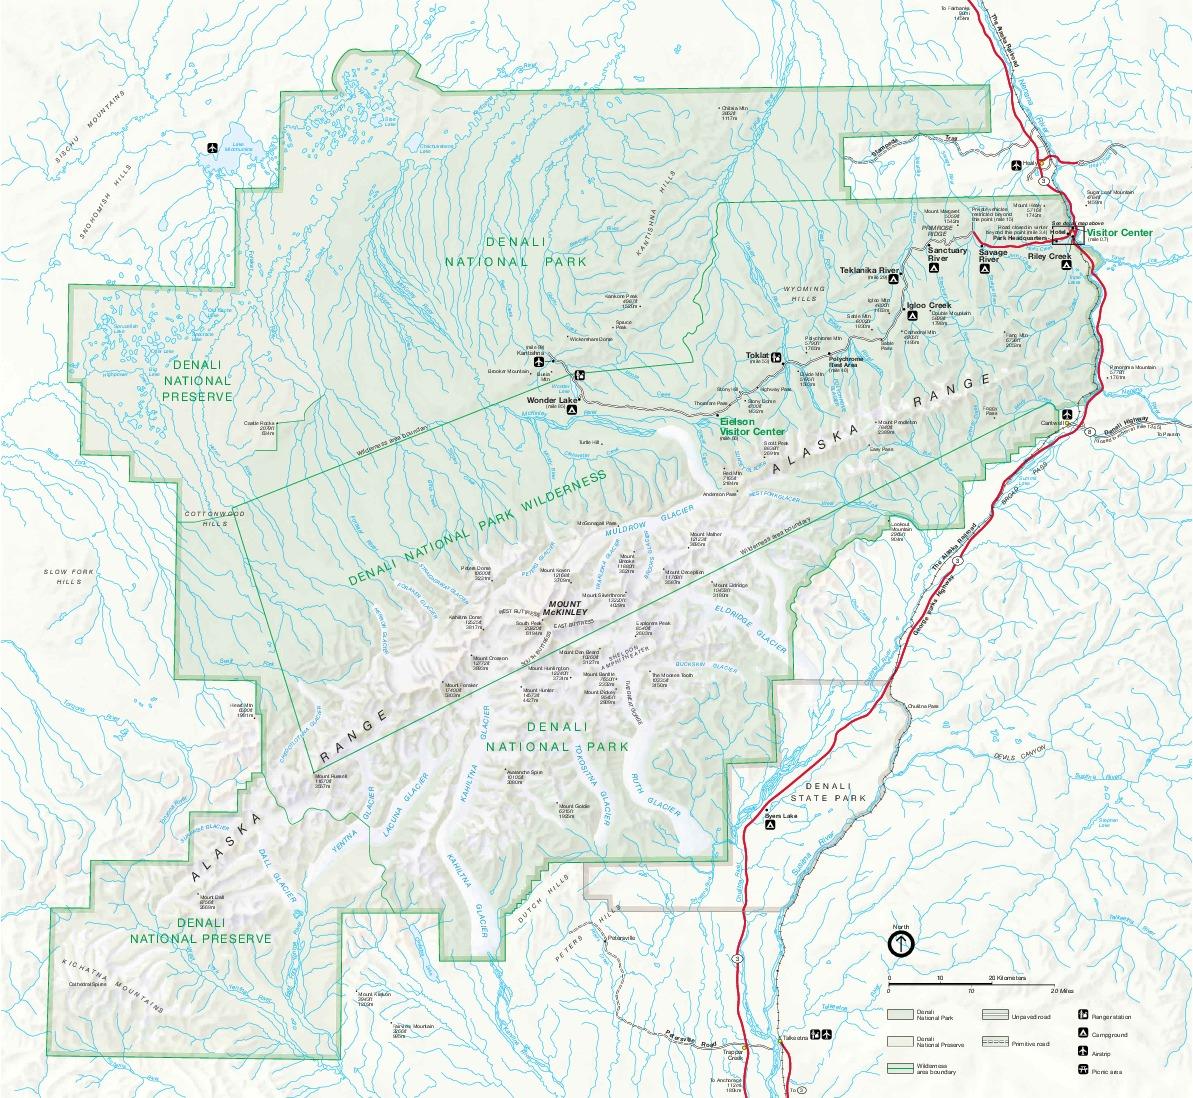 Mapa del Parque Nacional y Reserva Natural de Denali, Alaska, Estados Unidos